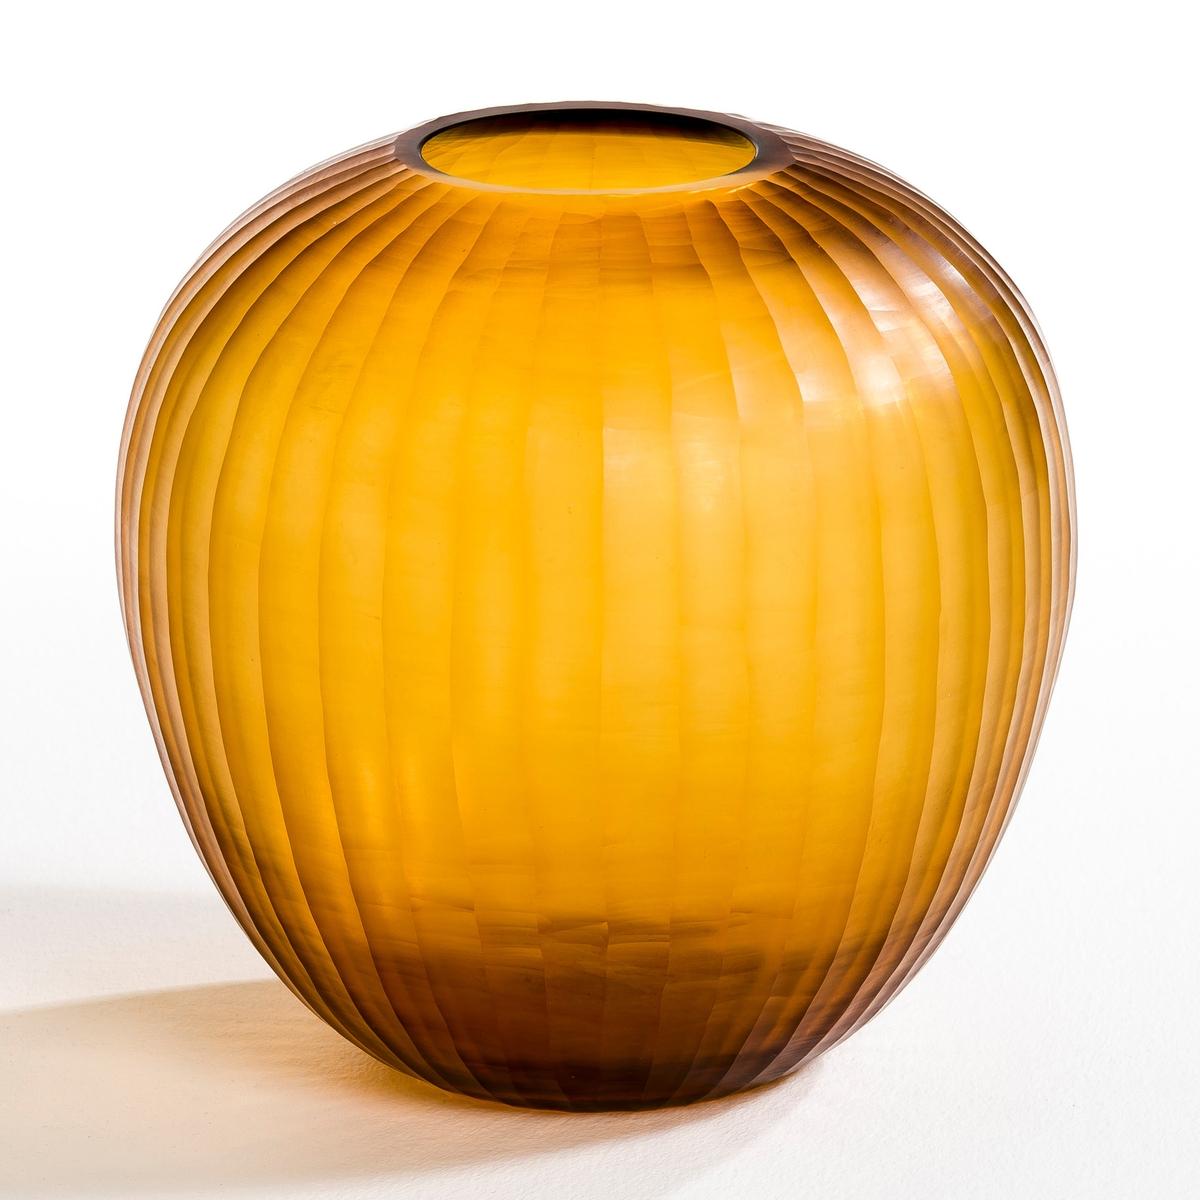 Ваза стеклянная Ysalis<br><br>Цвет: янтарь<br>Размер: единый размер